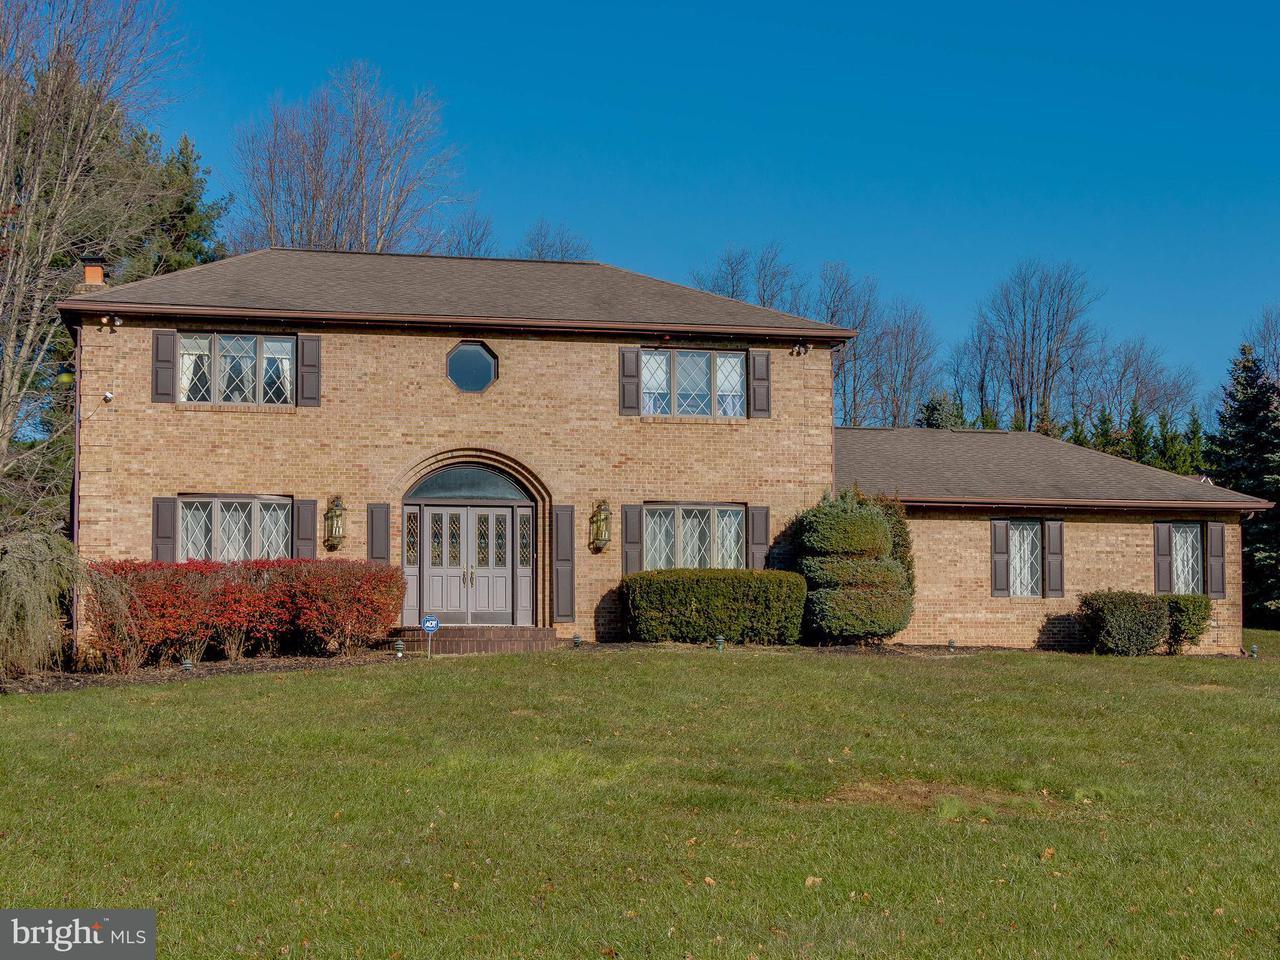 Частный односемейный дом для того Продажа на 7002 MOUNT VISTA Road 7002 MOUNT VISTA Road Kingsville, Мэриленд 21087 Соединенные Штаты